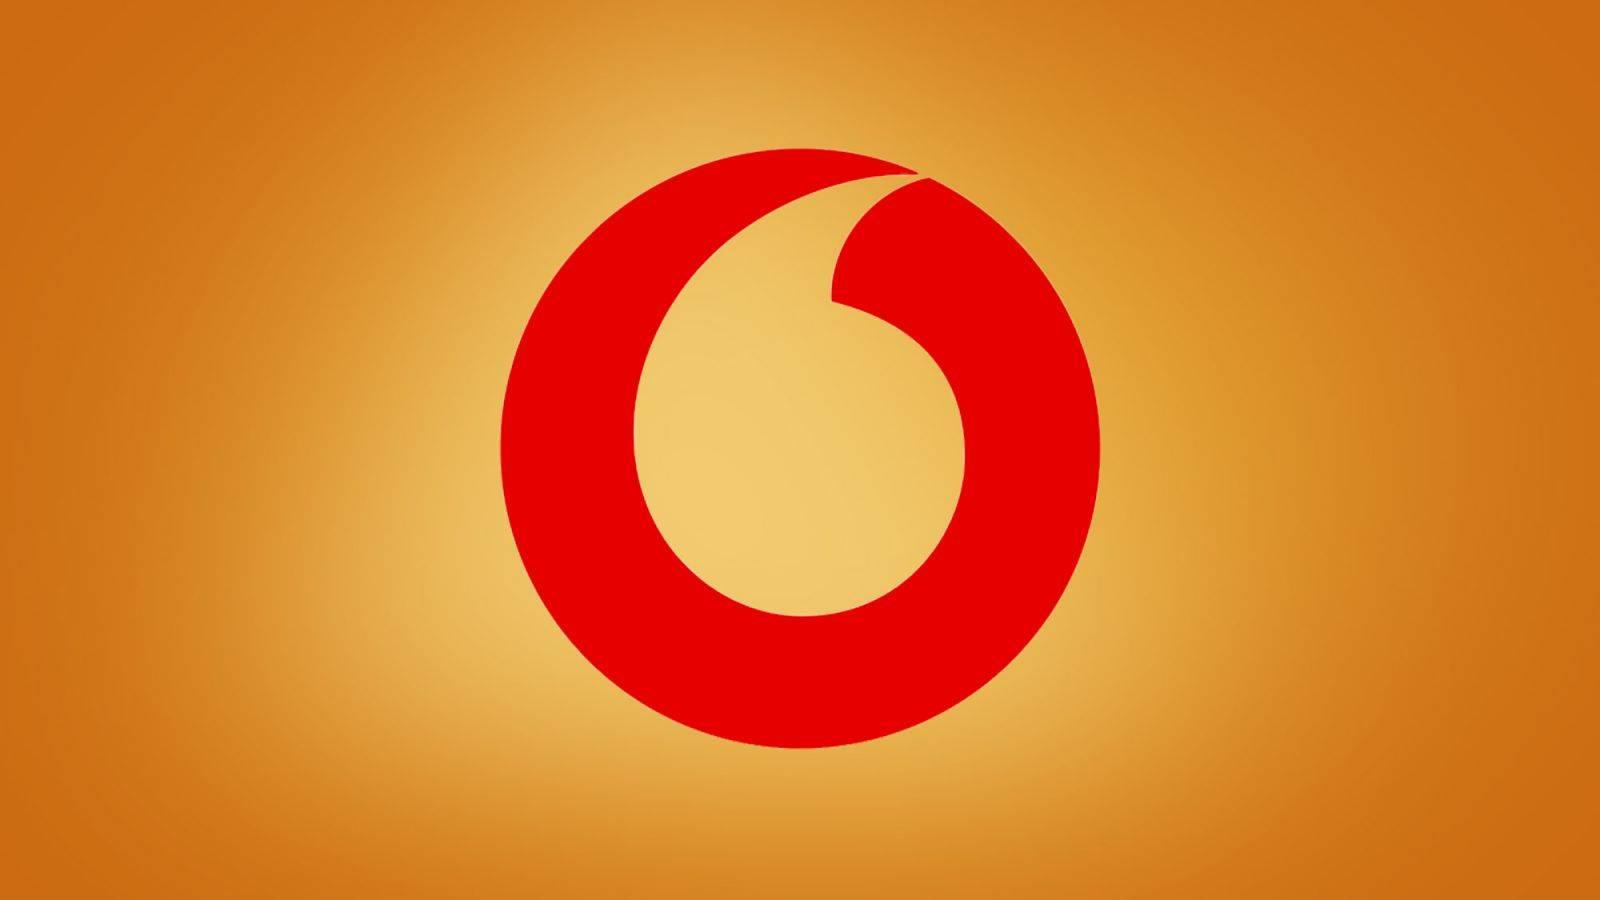 Vodafone: Telefoanele Mobile care au cele mai BUNE Promotii Inainte de Craciun